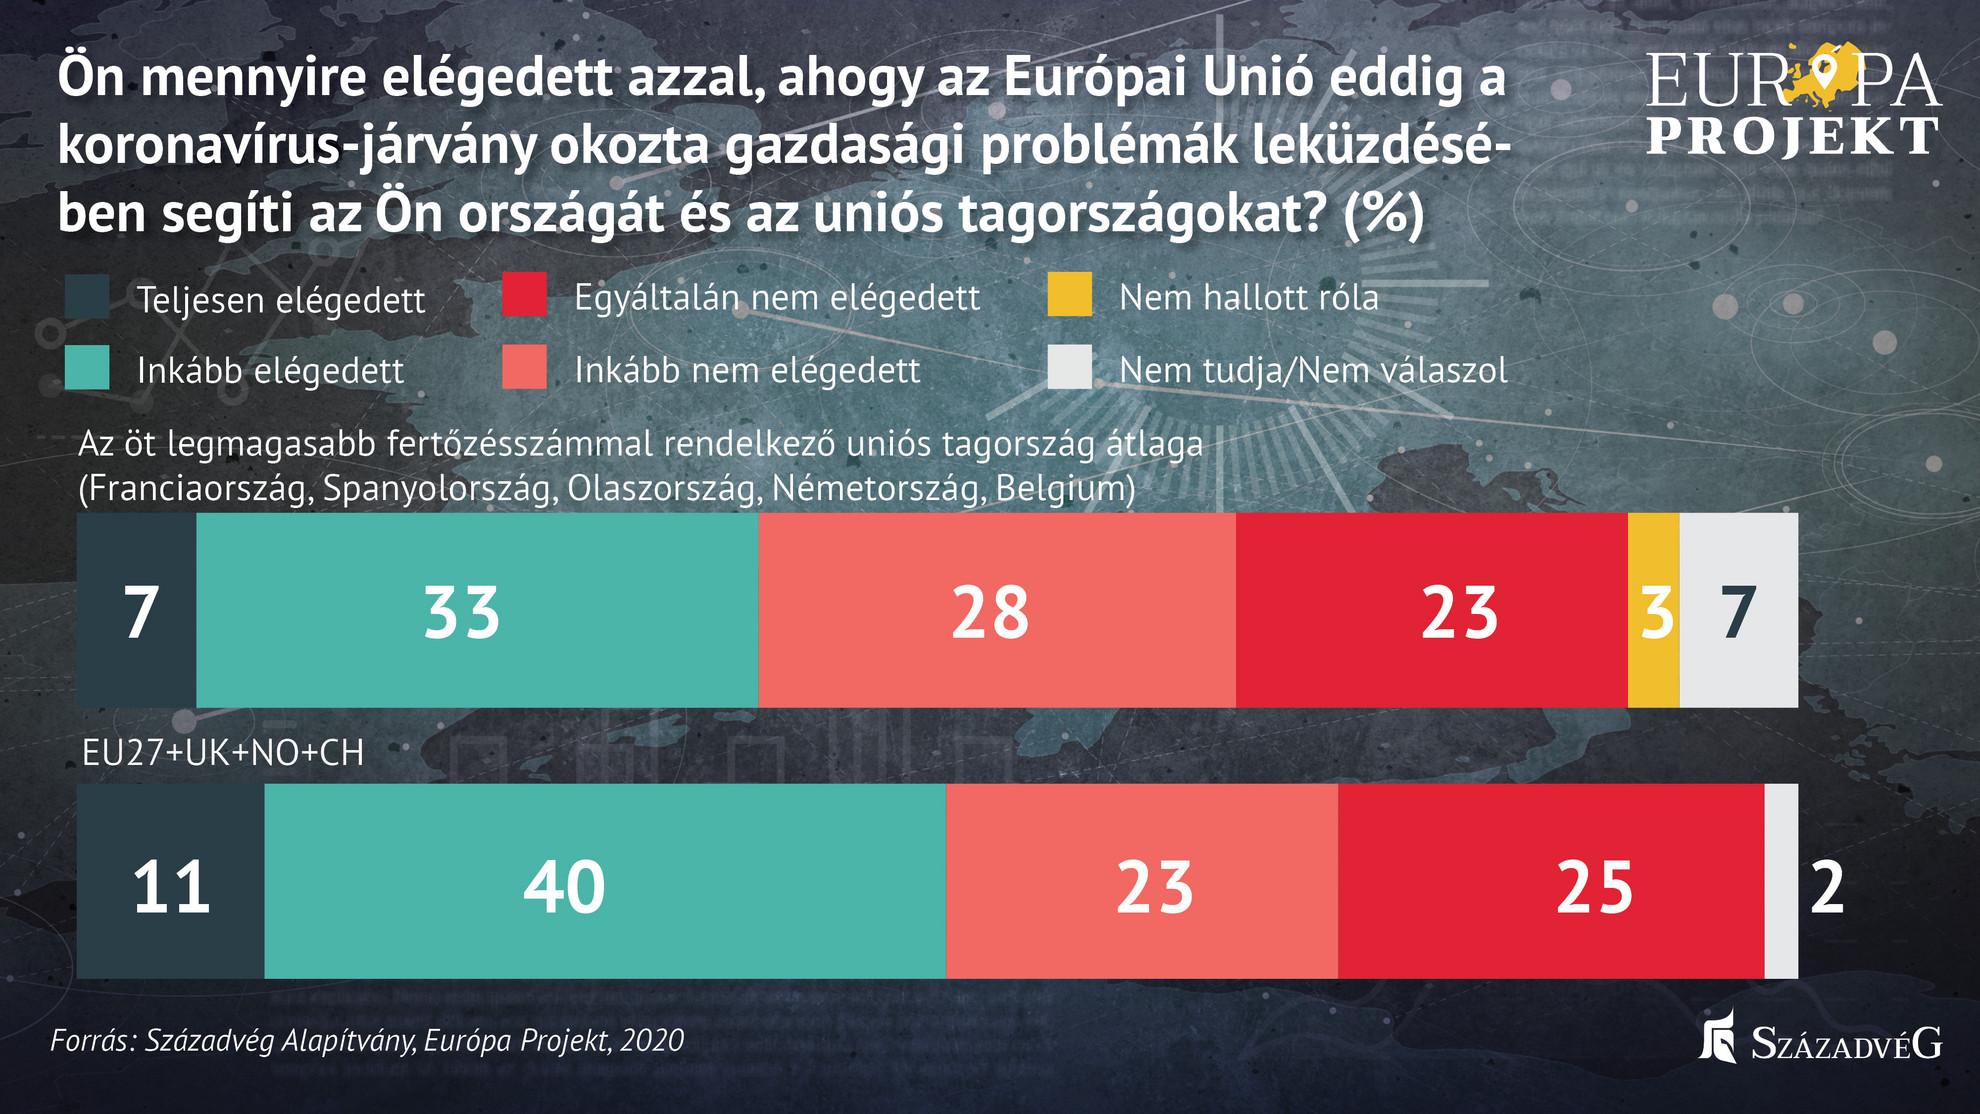 A magyarok az európai átlaghoz képest kevésbé elégedettek az Európai Unió gazdasági segítségnyújtásával